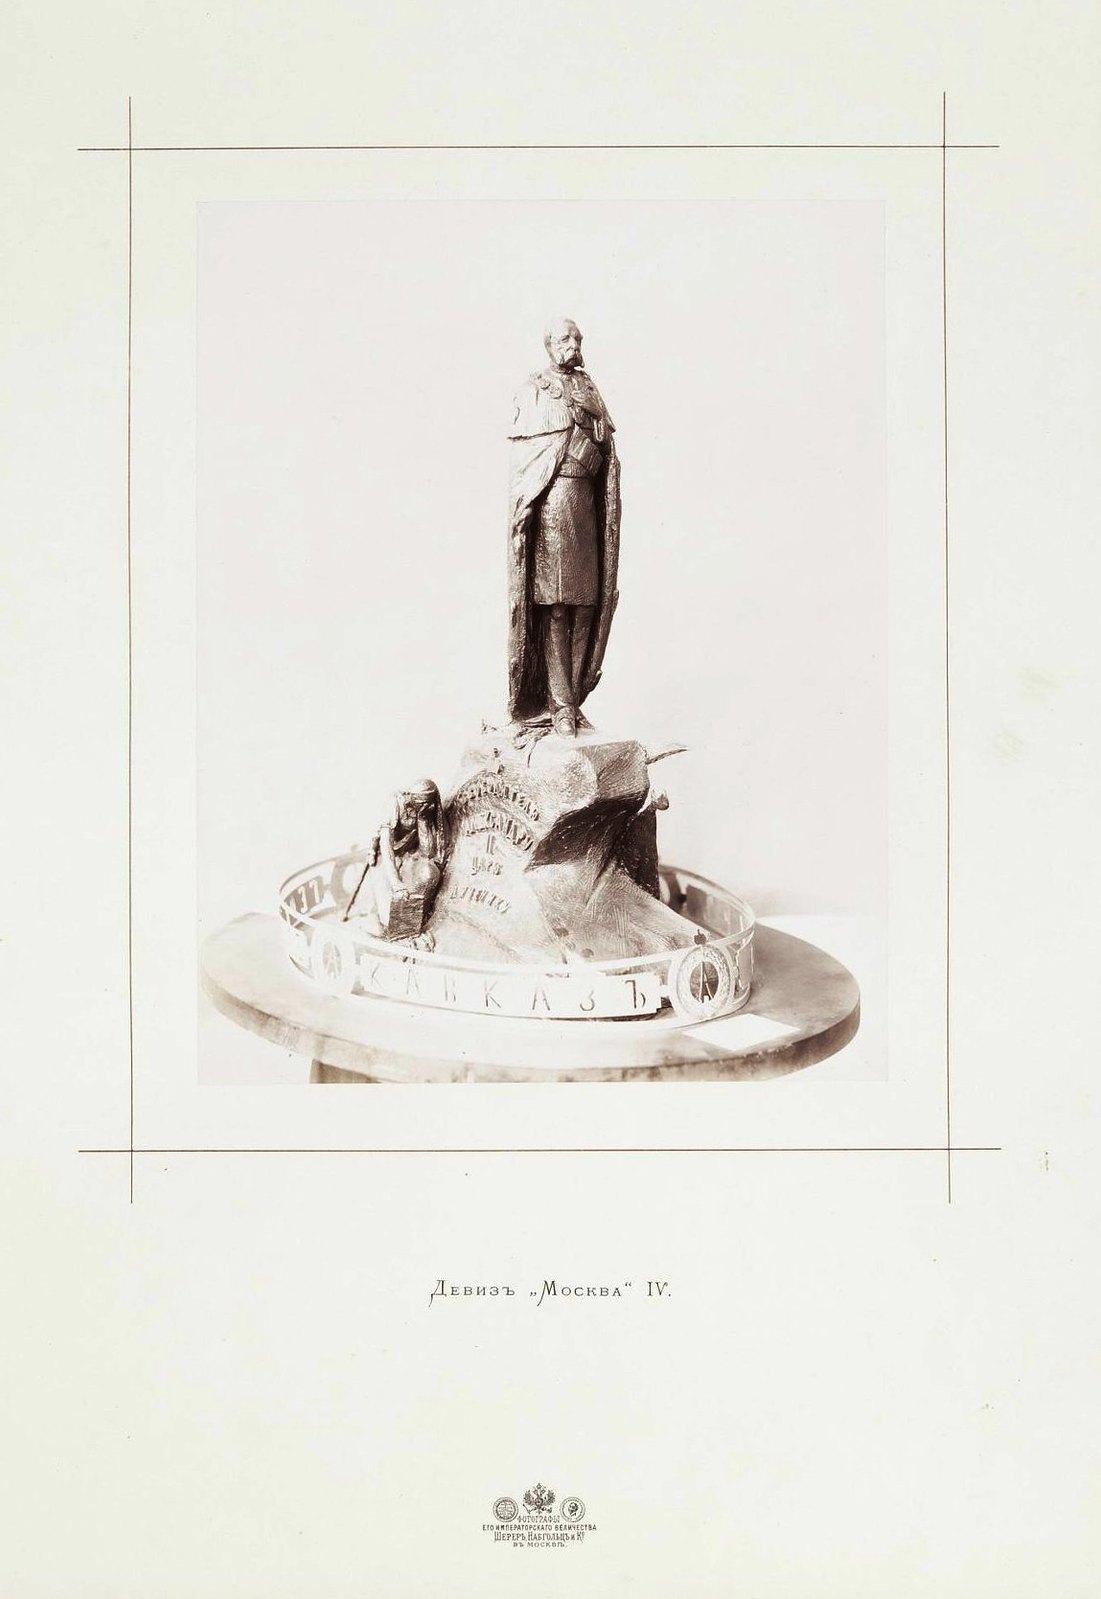 1884. Конкурсный проект памятника императору Александру II в Московском Кремле под девизом «Москва». IV.